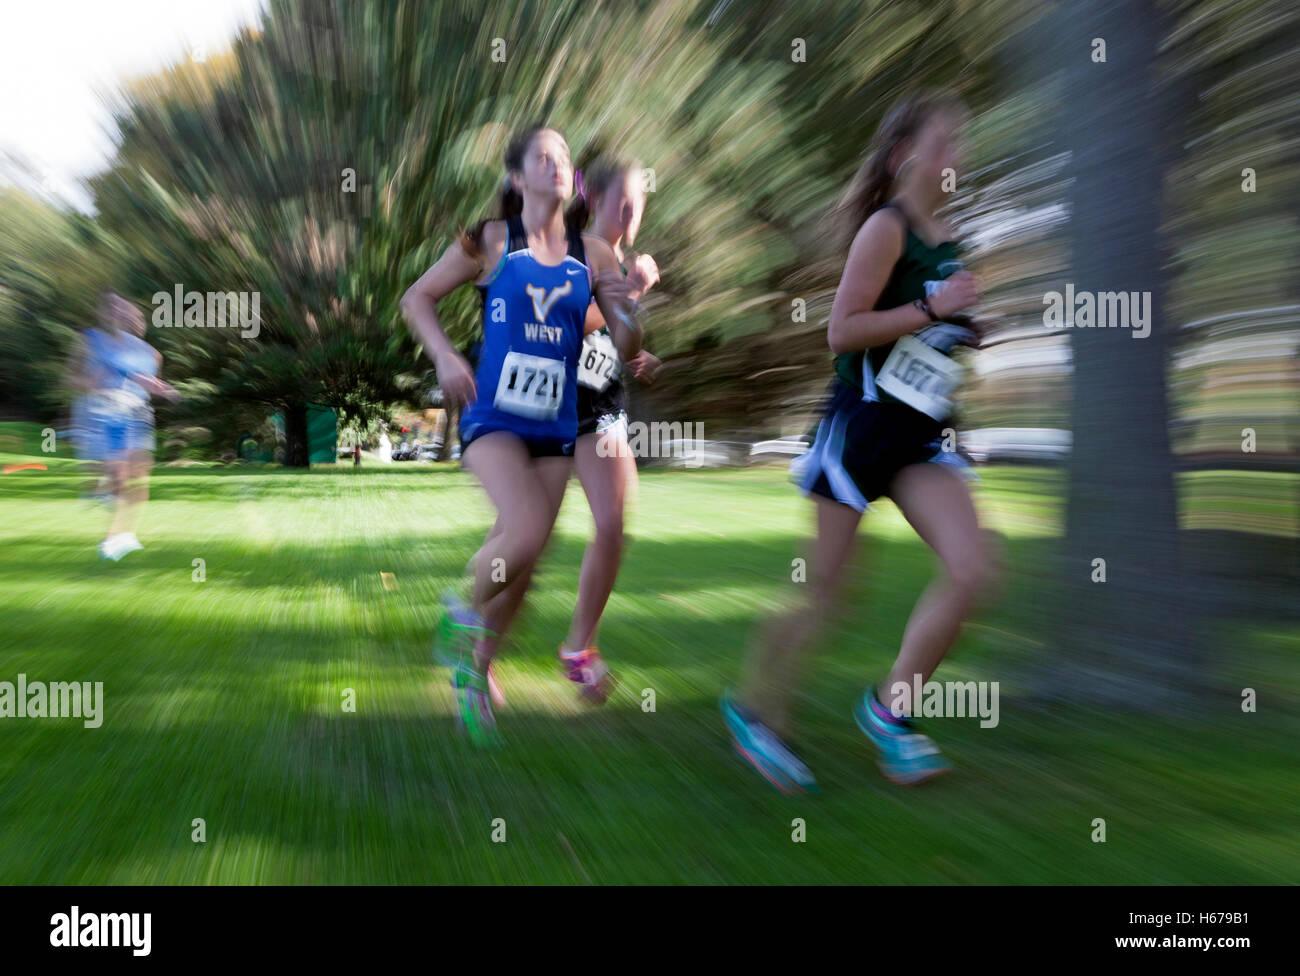 Läufer In Einem Wisconsin High School Girls Cross Country